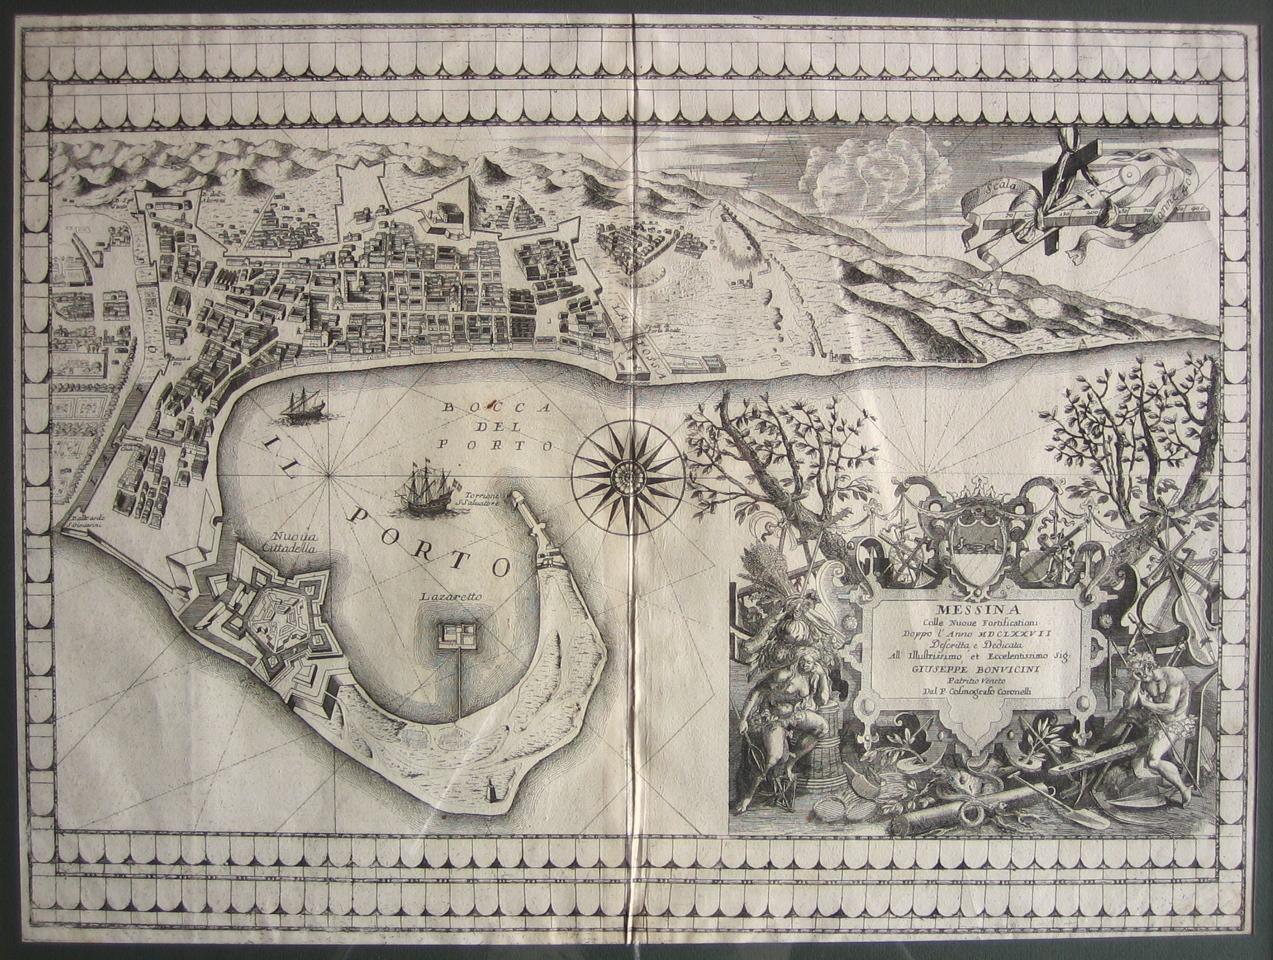 Schegge di storia 8/ Il falso storico del bombardamento di Messina disonestamente attribuito a Ferdinando II di Borbone